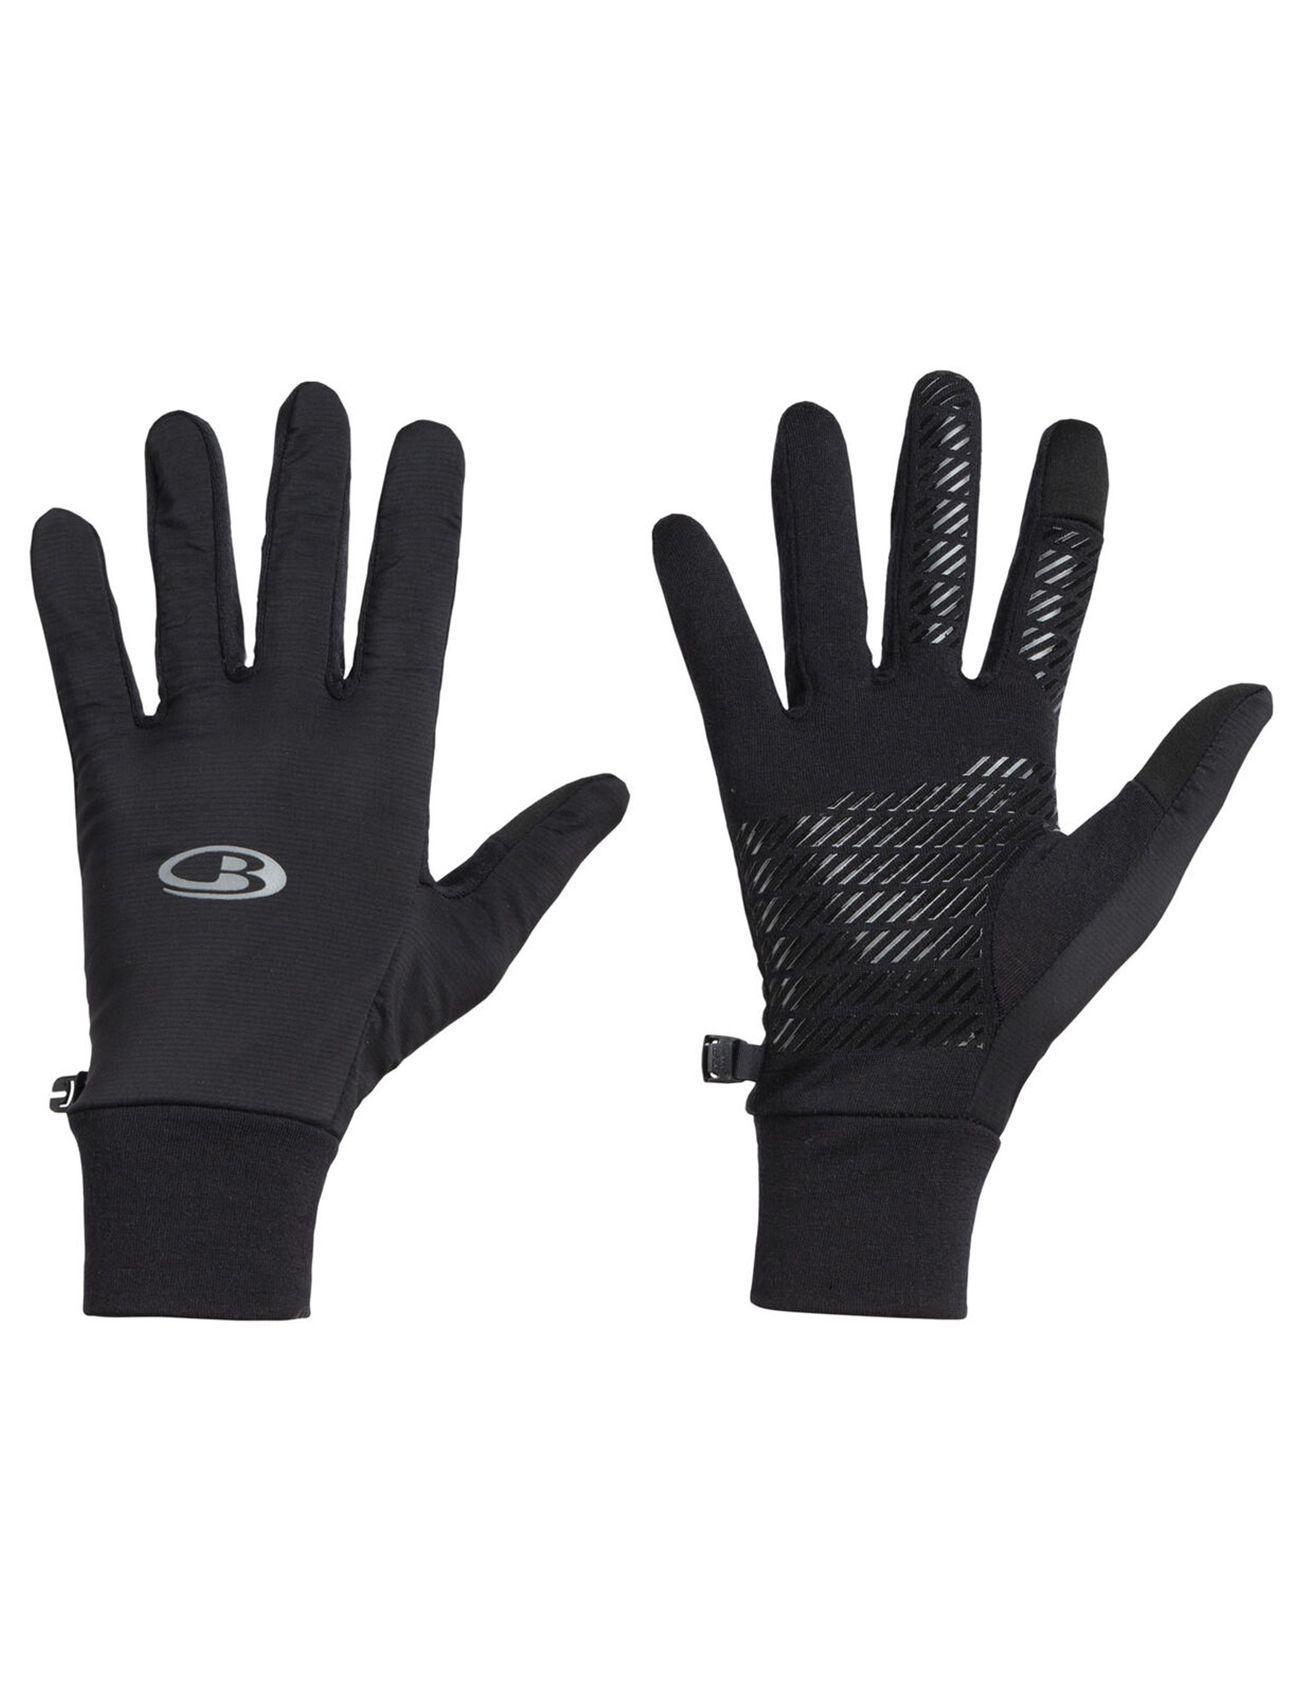 Bilde av U Tech Trainer Hybrid Gloves